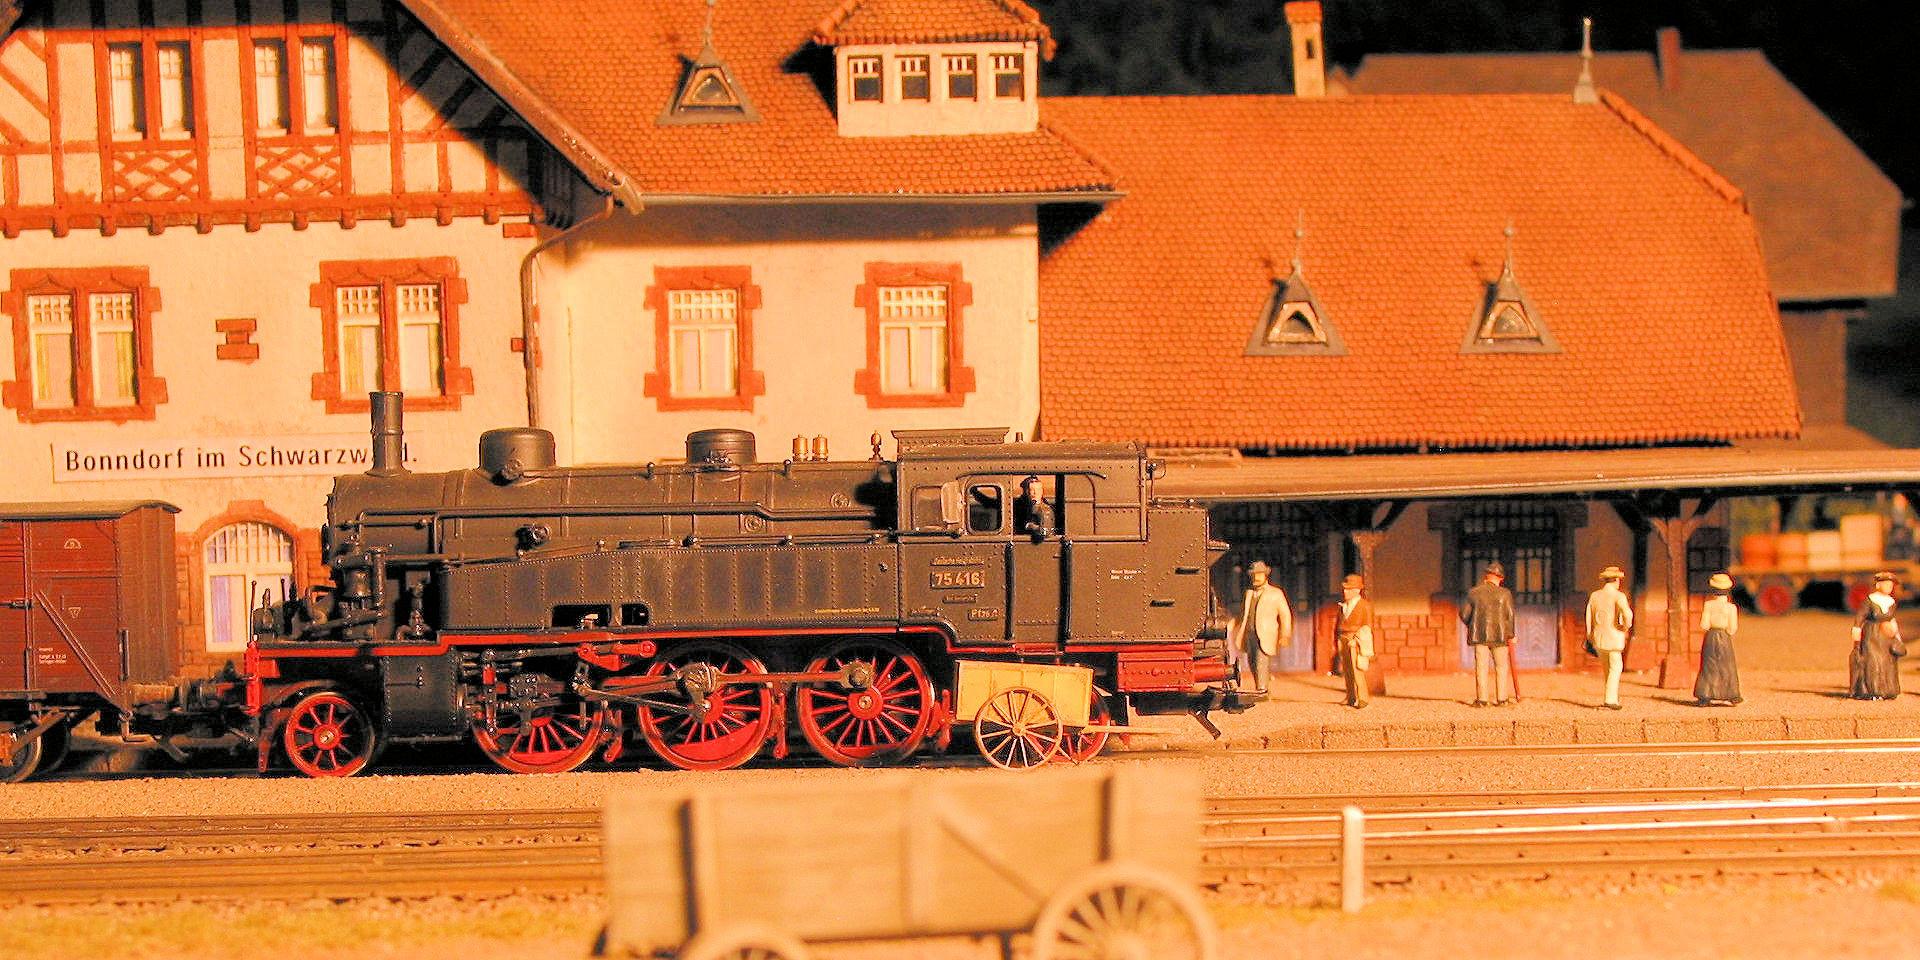 Bahnhof in Bonndorf - Die Bahn in der Scheune